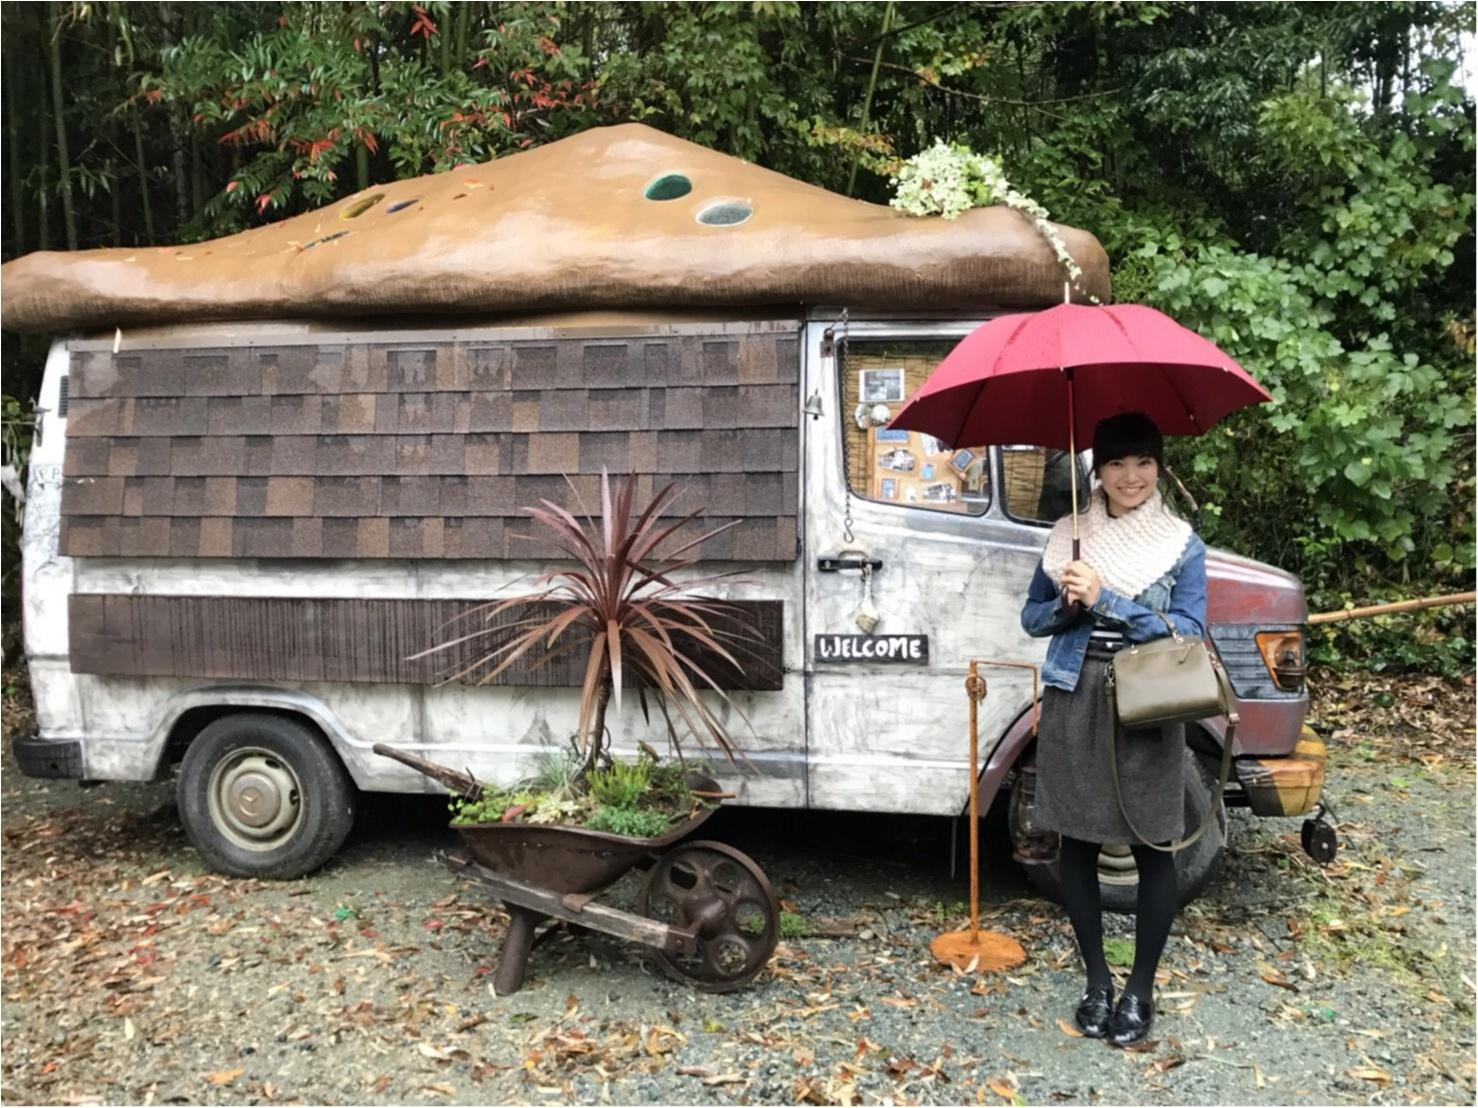 【カフェ巡り】まるでジブリの世界♡フォトジェニックな可愛いスポット『ぬくもりの森』 ~浜松おしゃれカフェ巡り①~_8